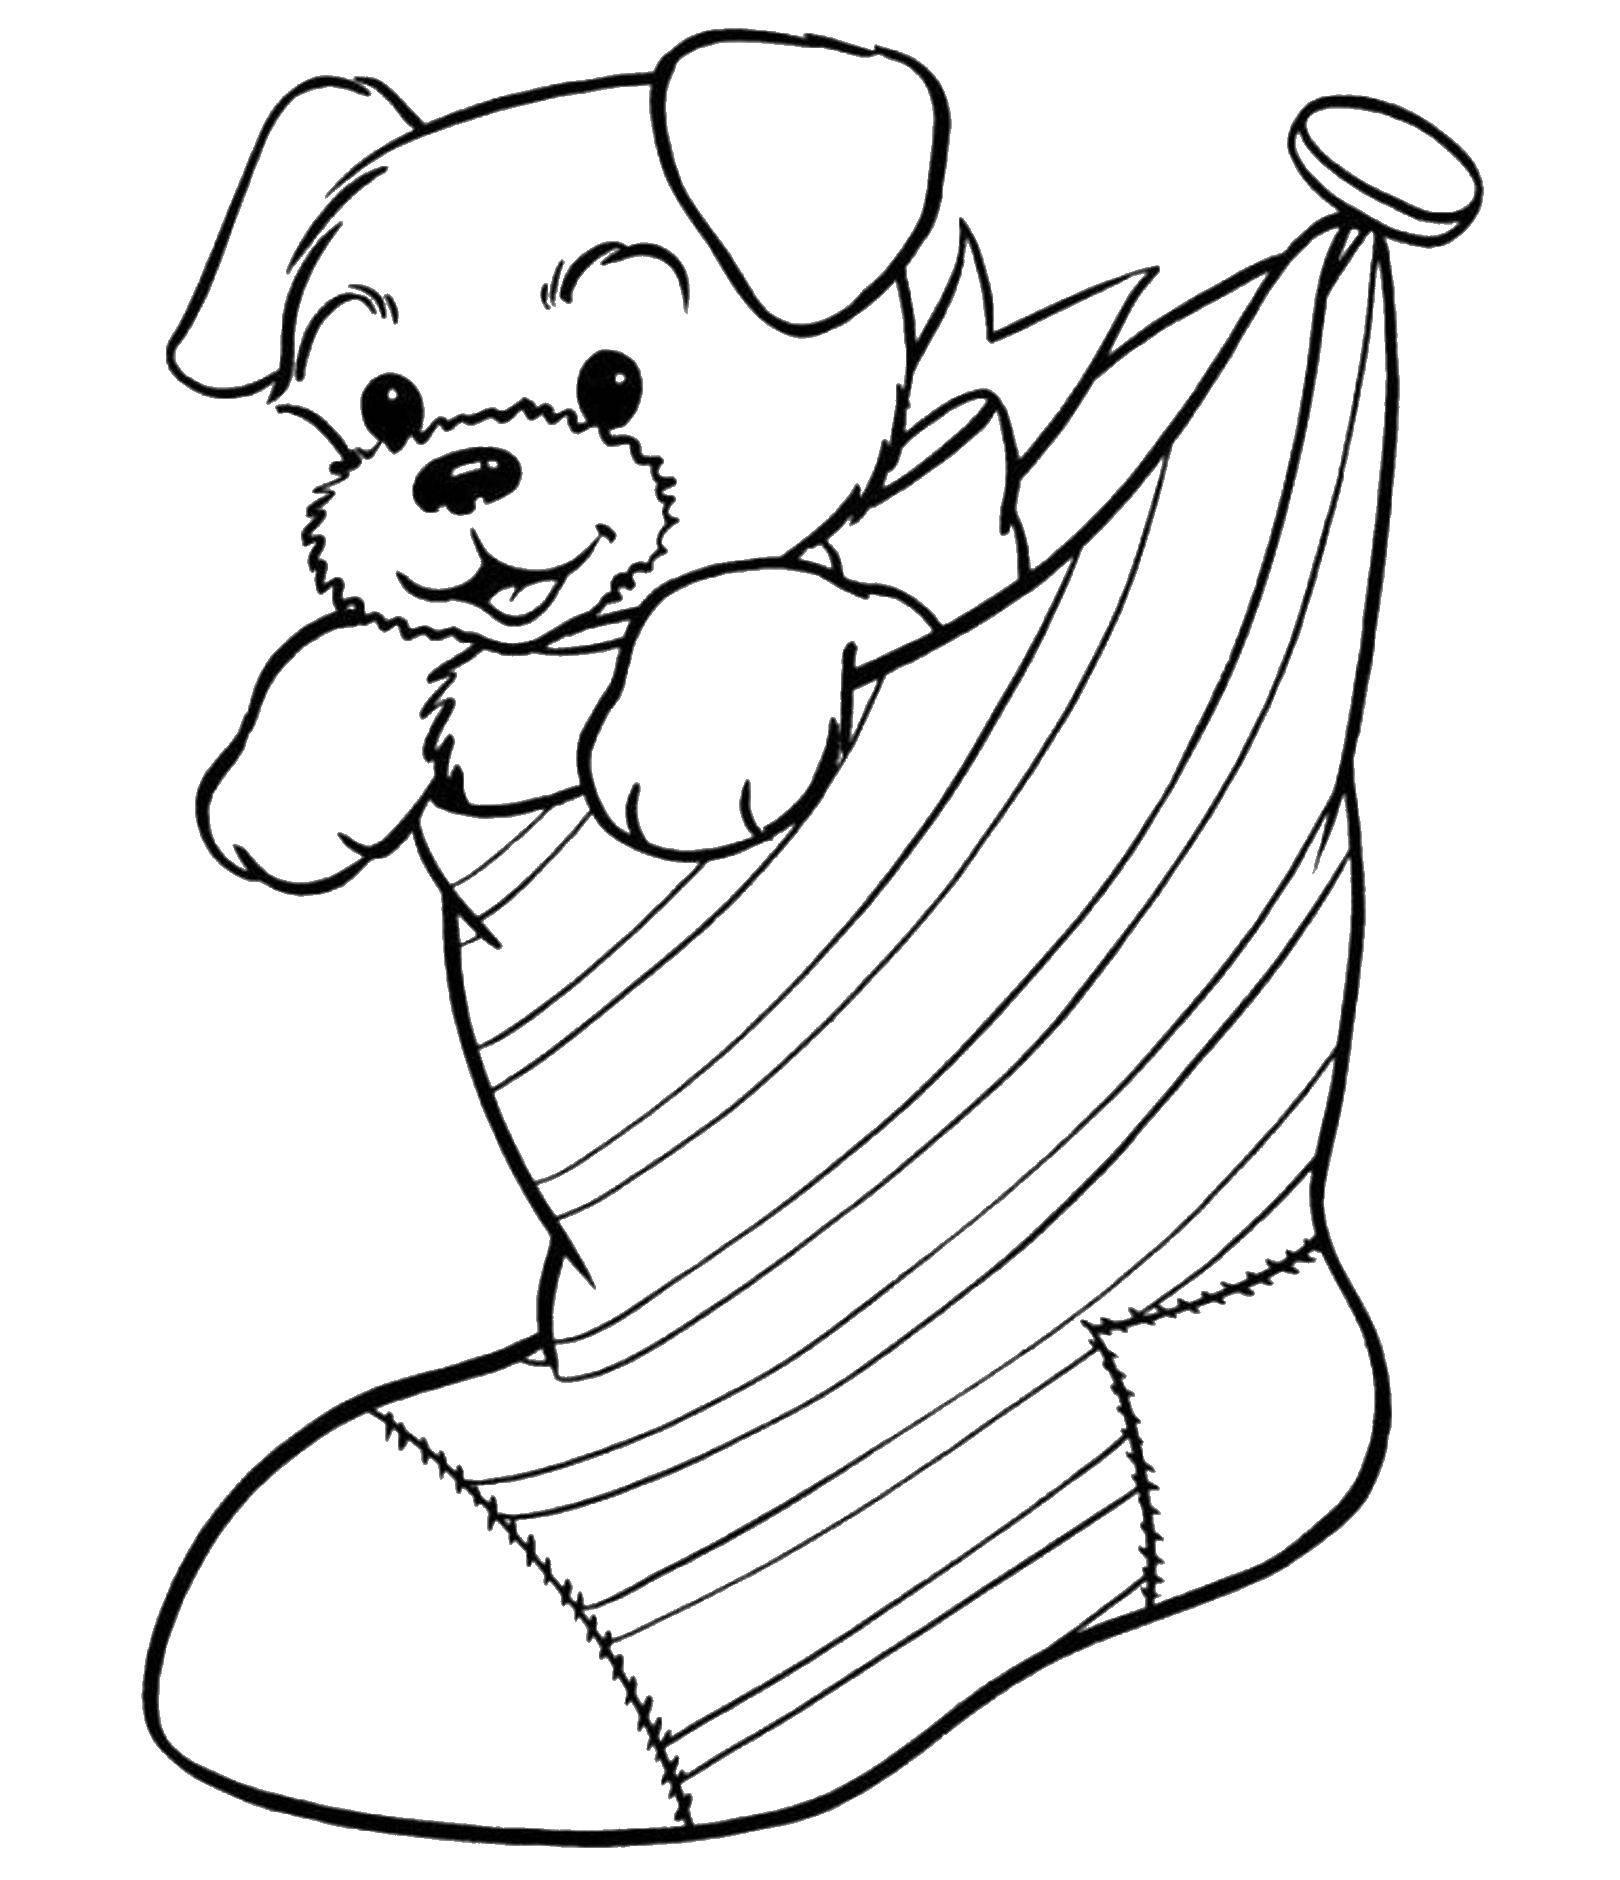 Раскраска Собачка в носочке Скачать домашние животные, собачки, собака.  Распечатать ,домашние животные,